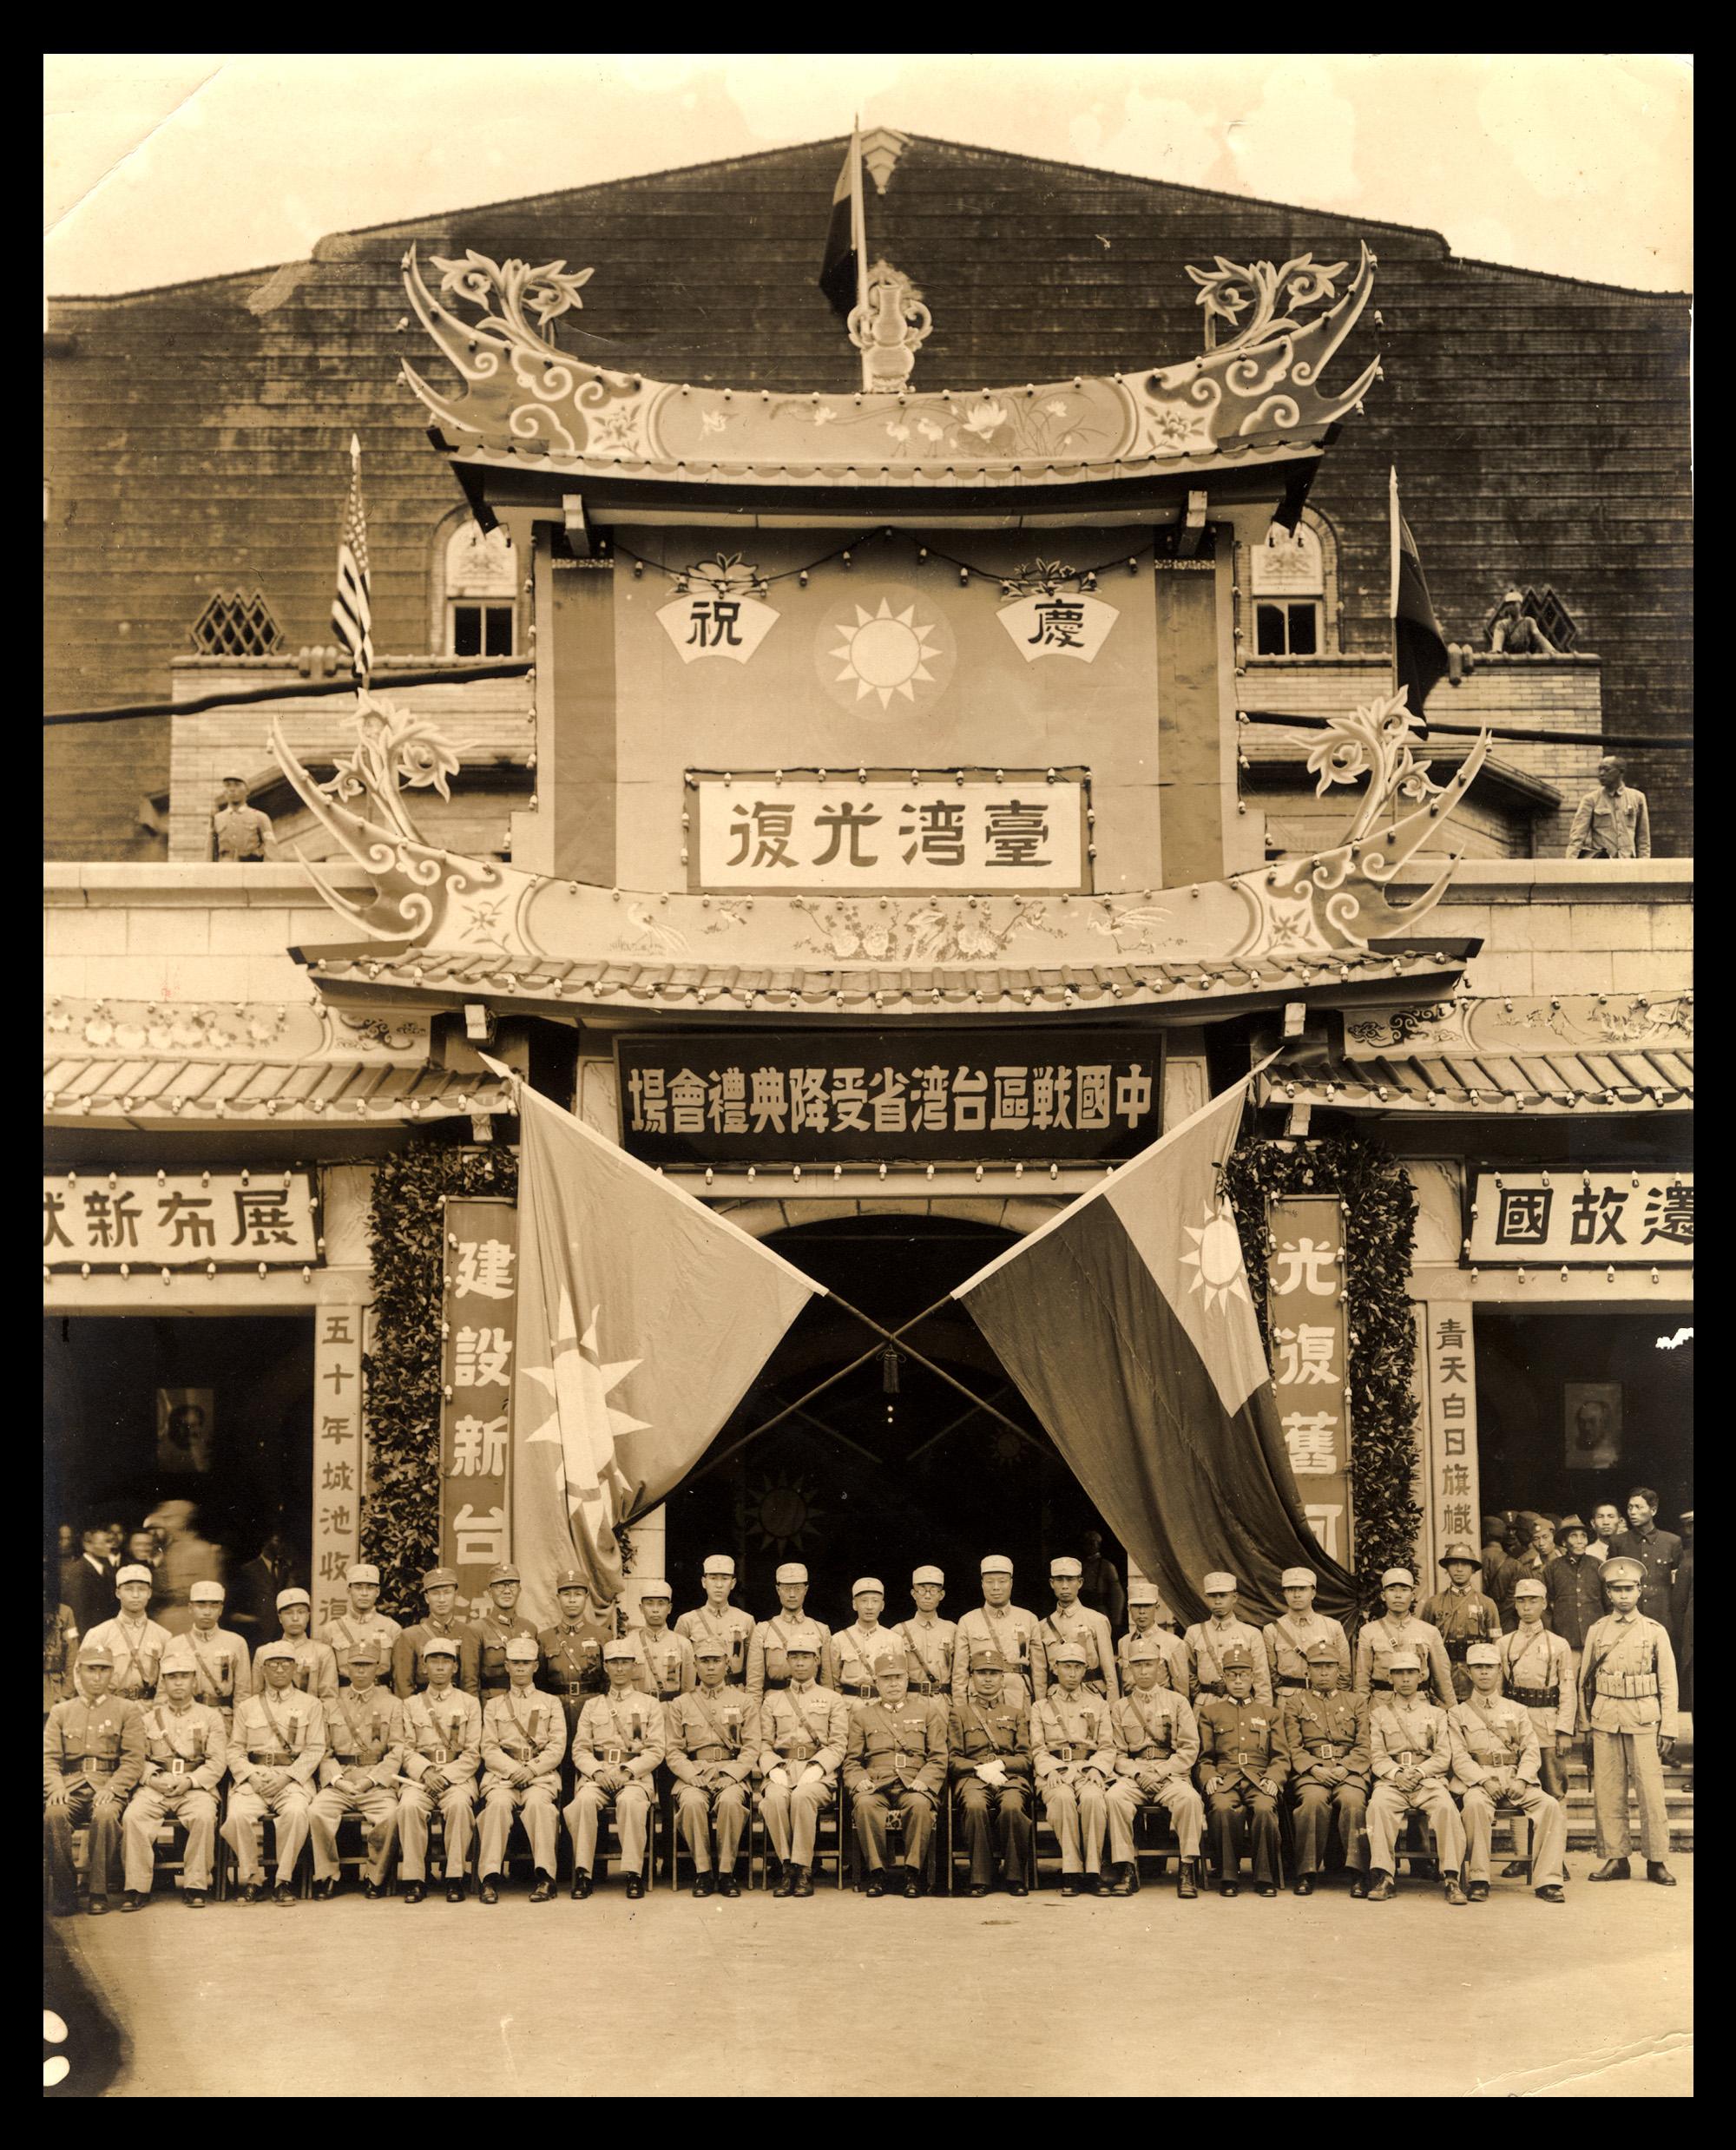 圖1:於臺北公會堂舉辦之受降典禮